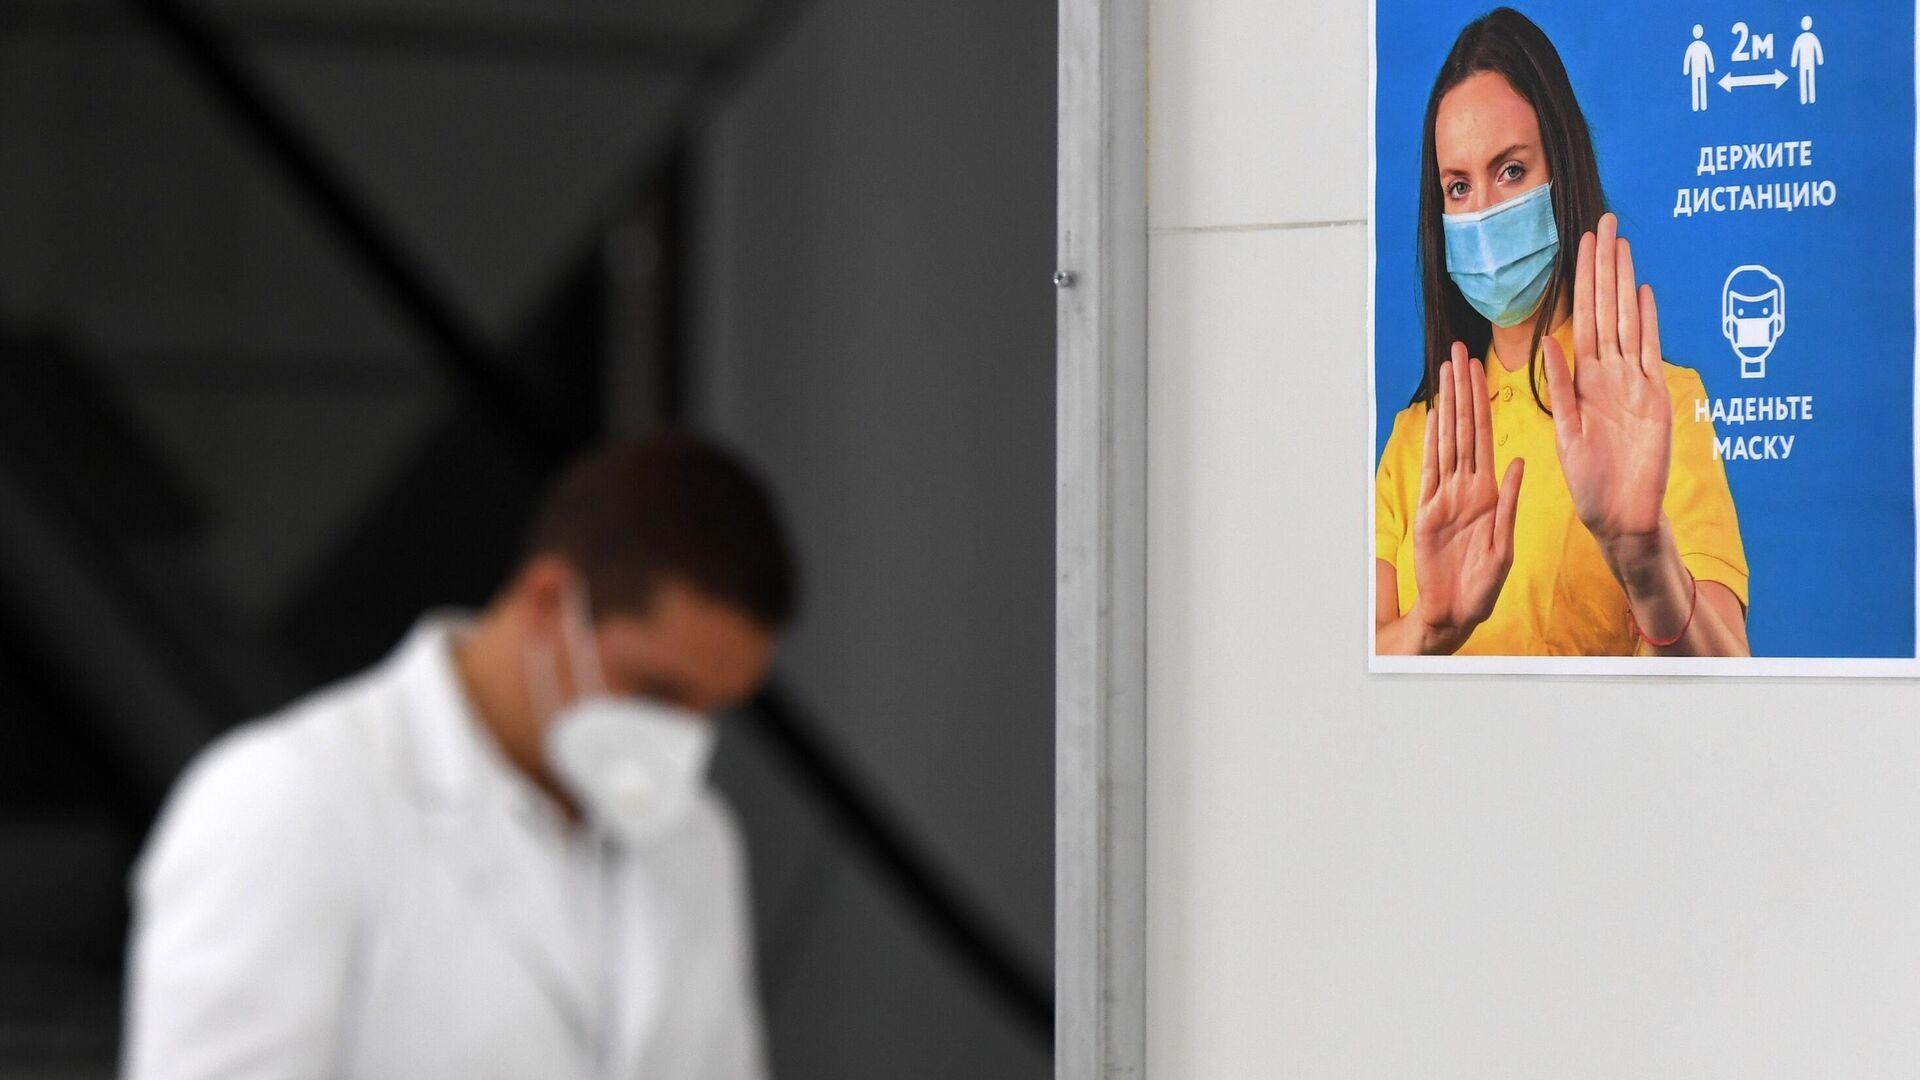 Медицинский работник во временном госпитале для пациентов с COVID-19, который открывается в автомобильном торговом центр Москва - РИА Новости, 1920, 20.10.2020